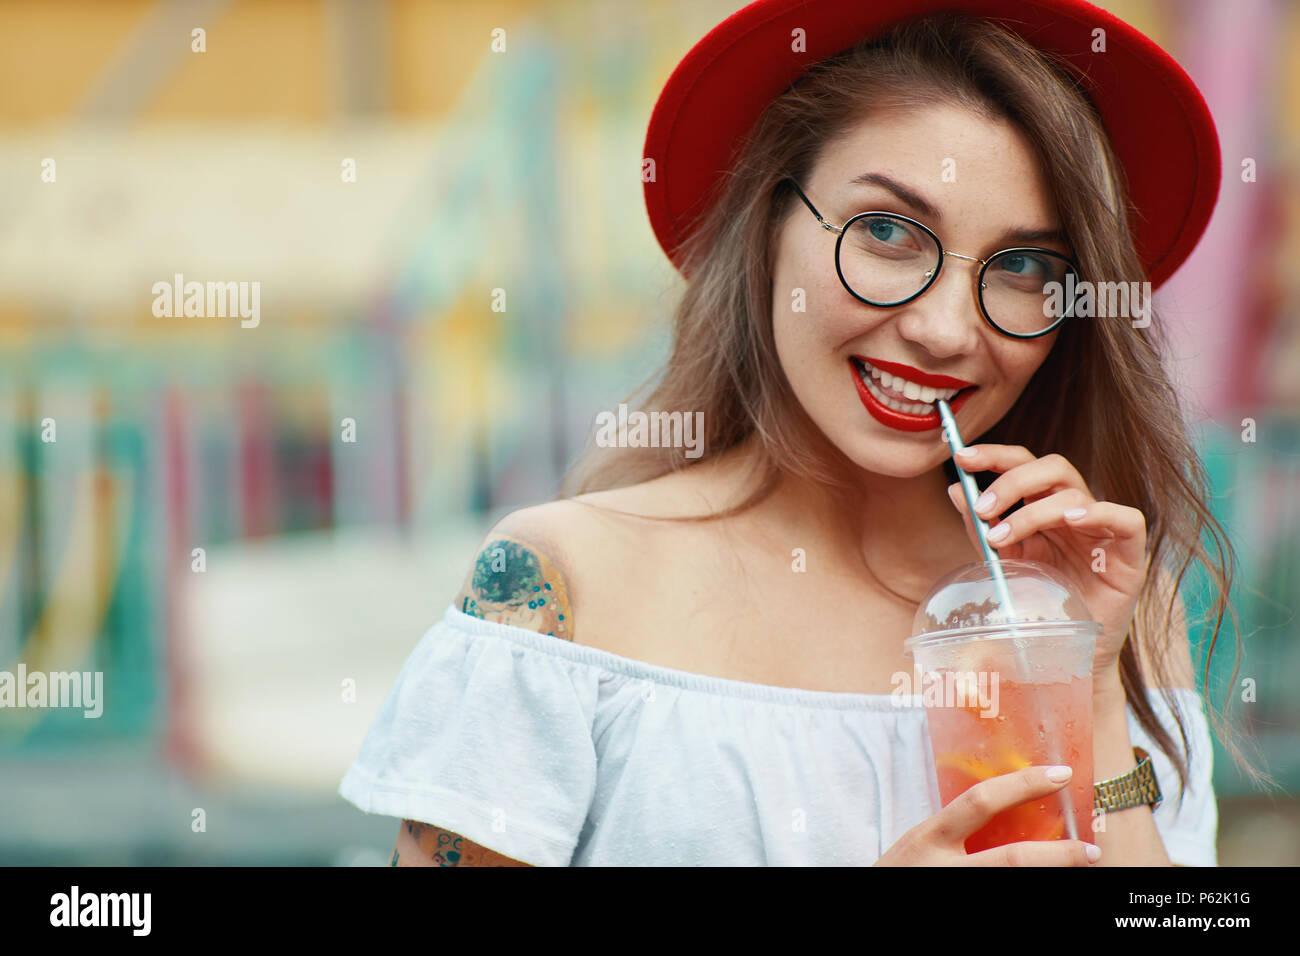 Curieux girl en attente de nouvelles de partie sur fond coloré Photo Stock